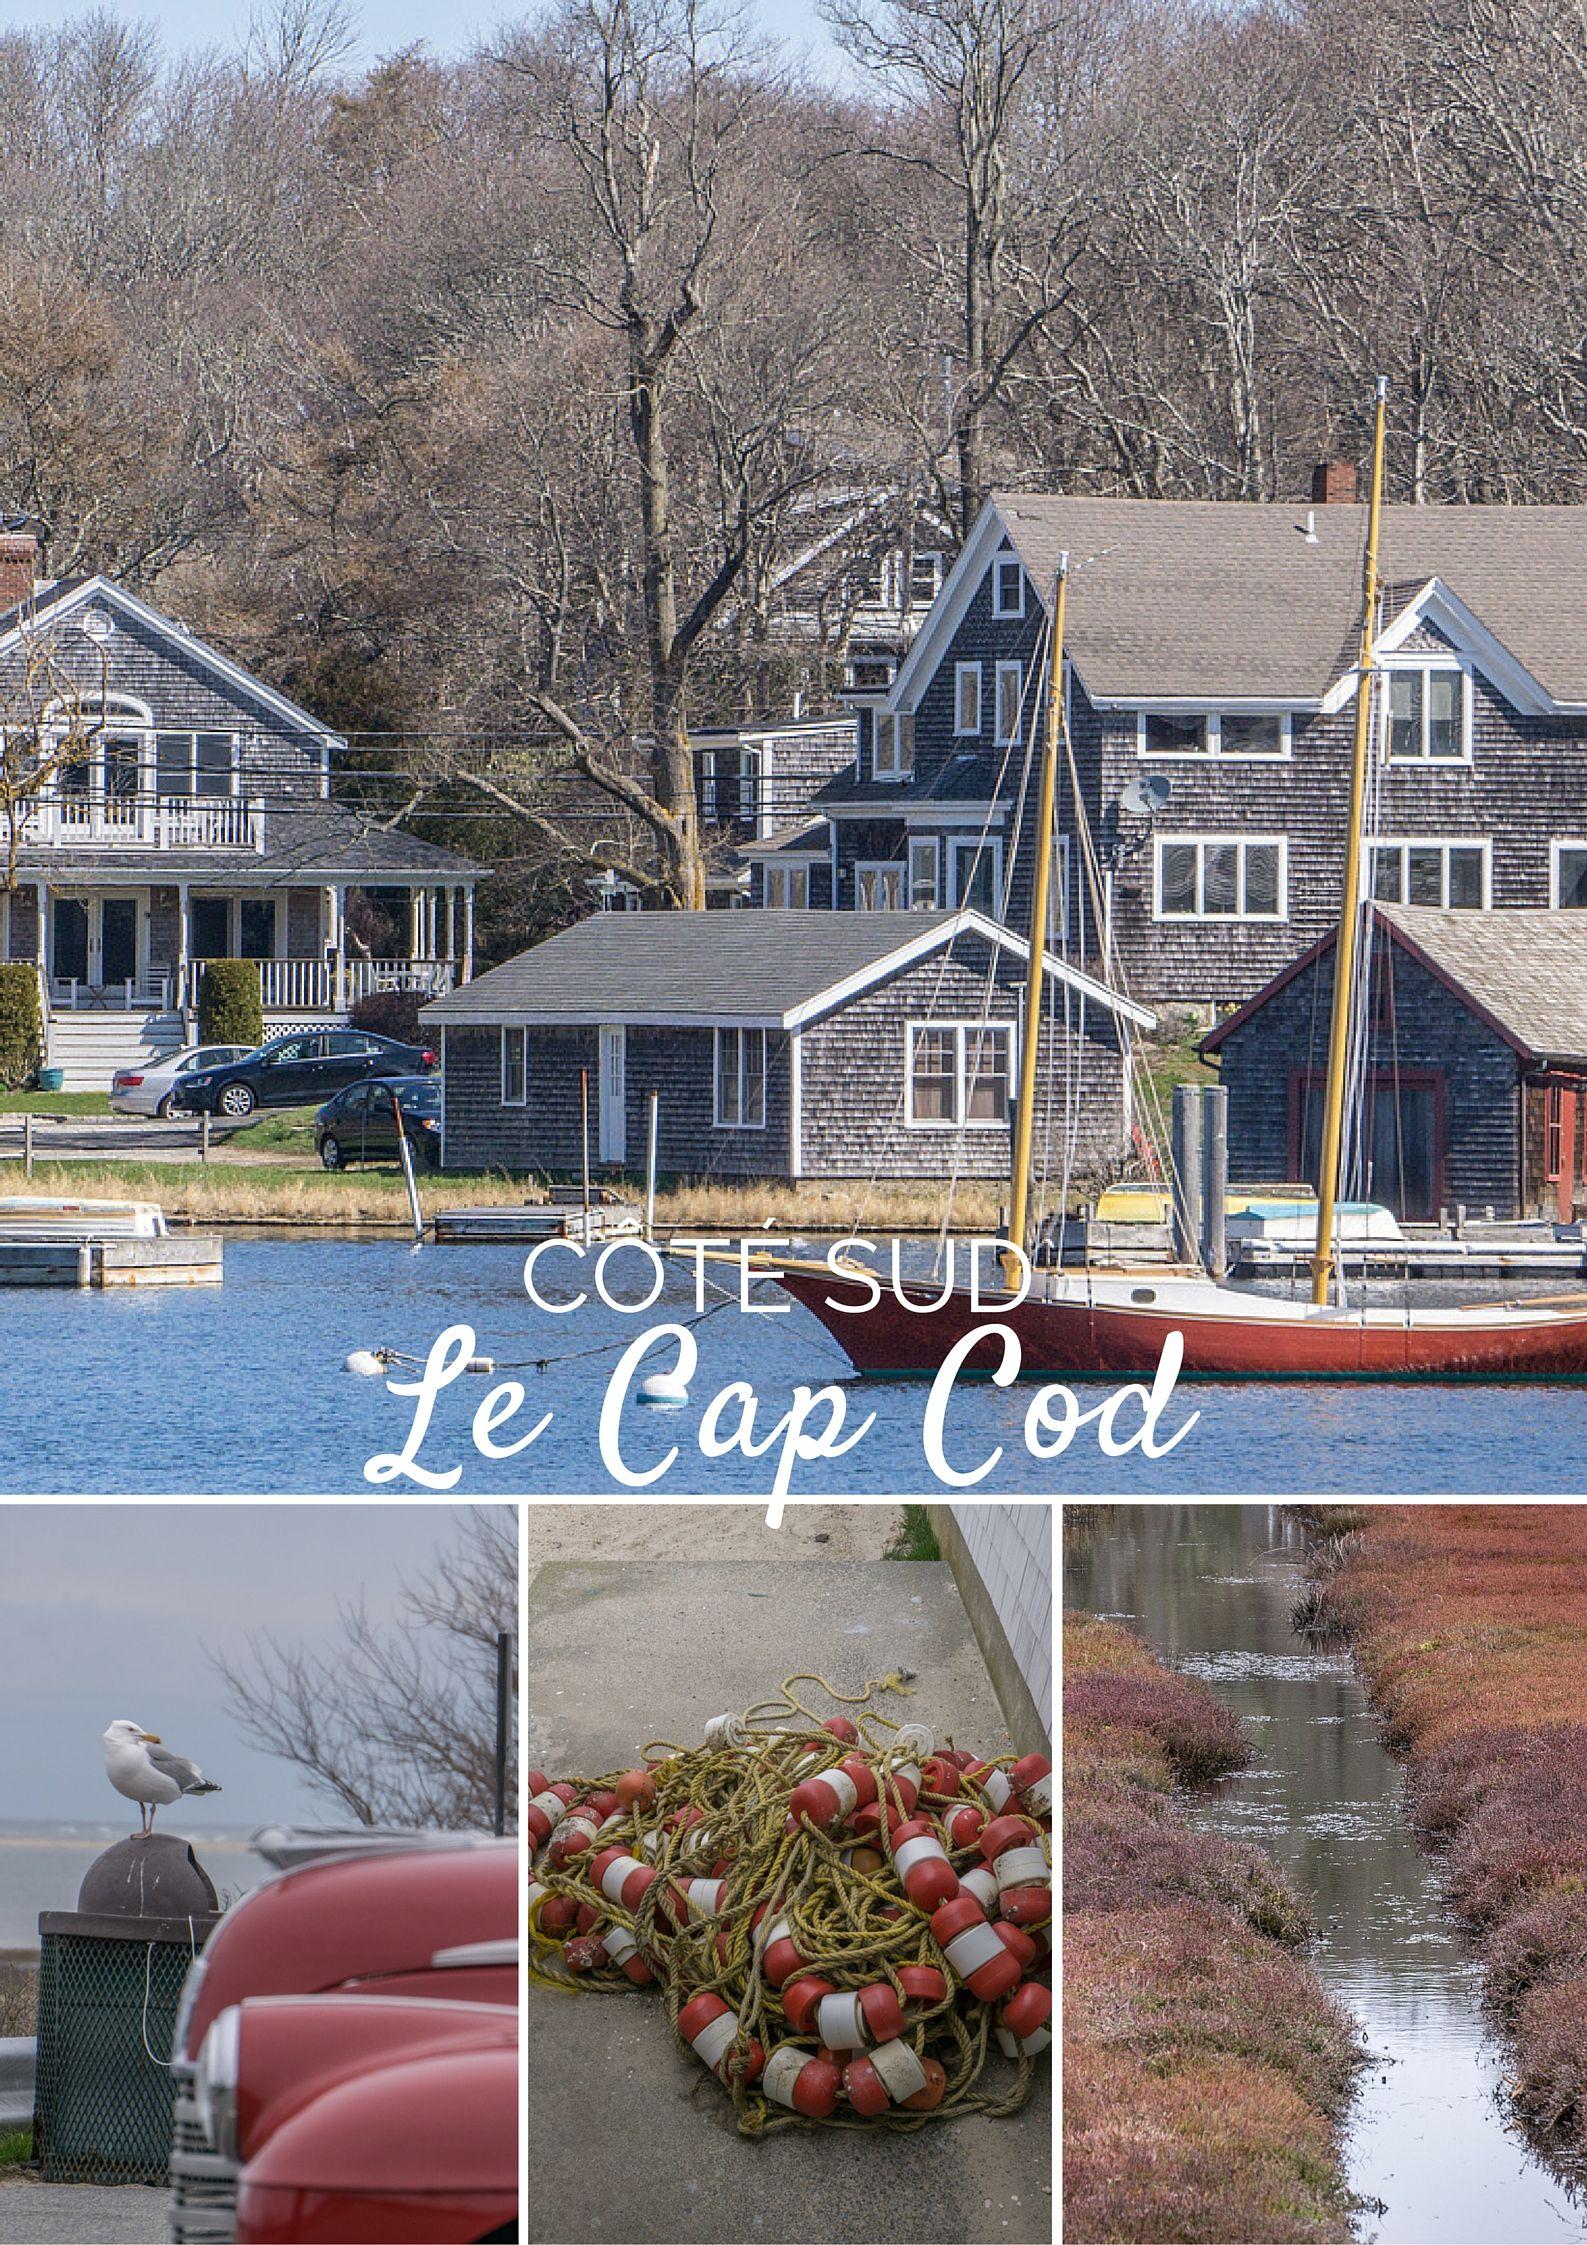 meilleures offres sur grande vente de liquidation rechercher le meilleur Découvrir la côte sud du Cap Cod | Cape Cod, Nantucket ...